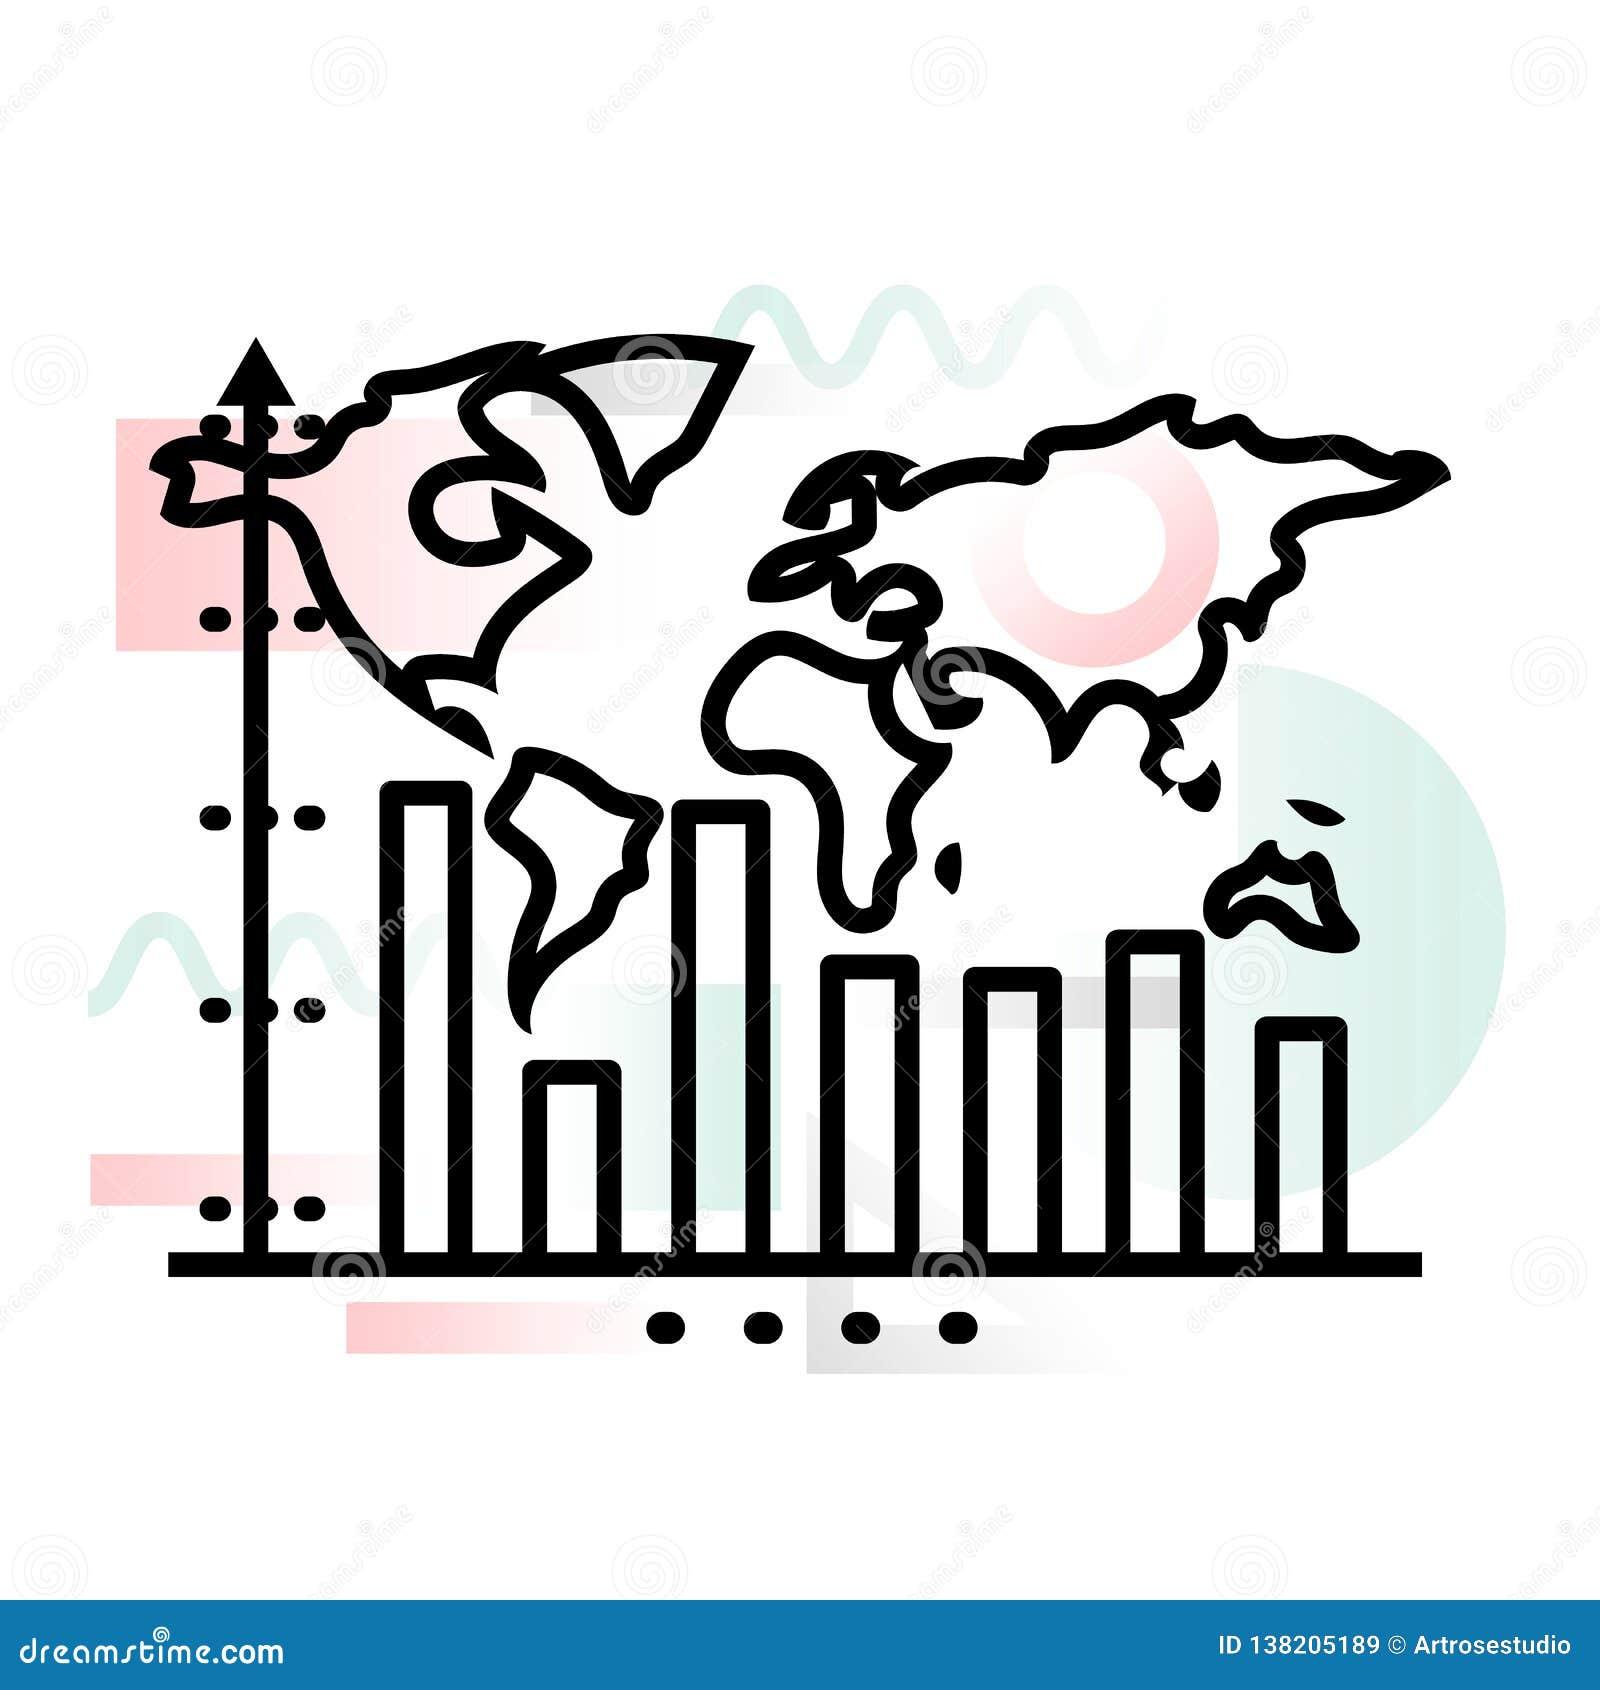 Значок концепции динамики роста глобального бизнеса с абстрактной предпосылкой